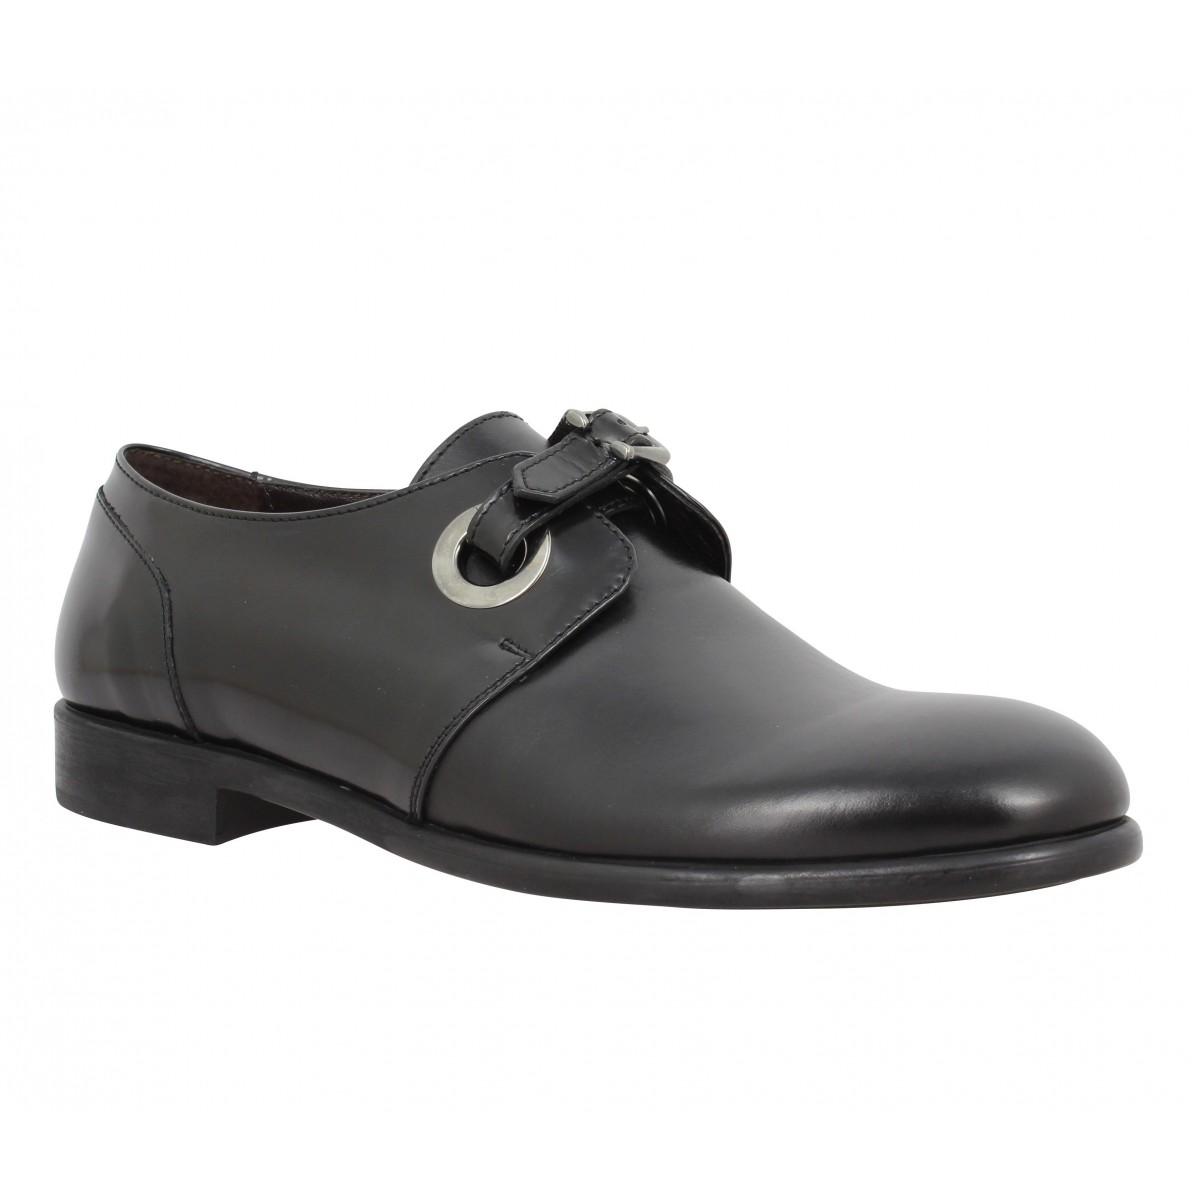 Chaussures à lacets TRIVER FLIGHT 165 04 cuir Femme Noir